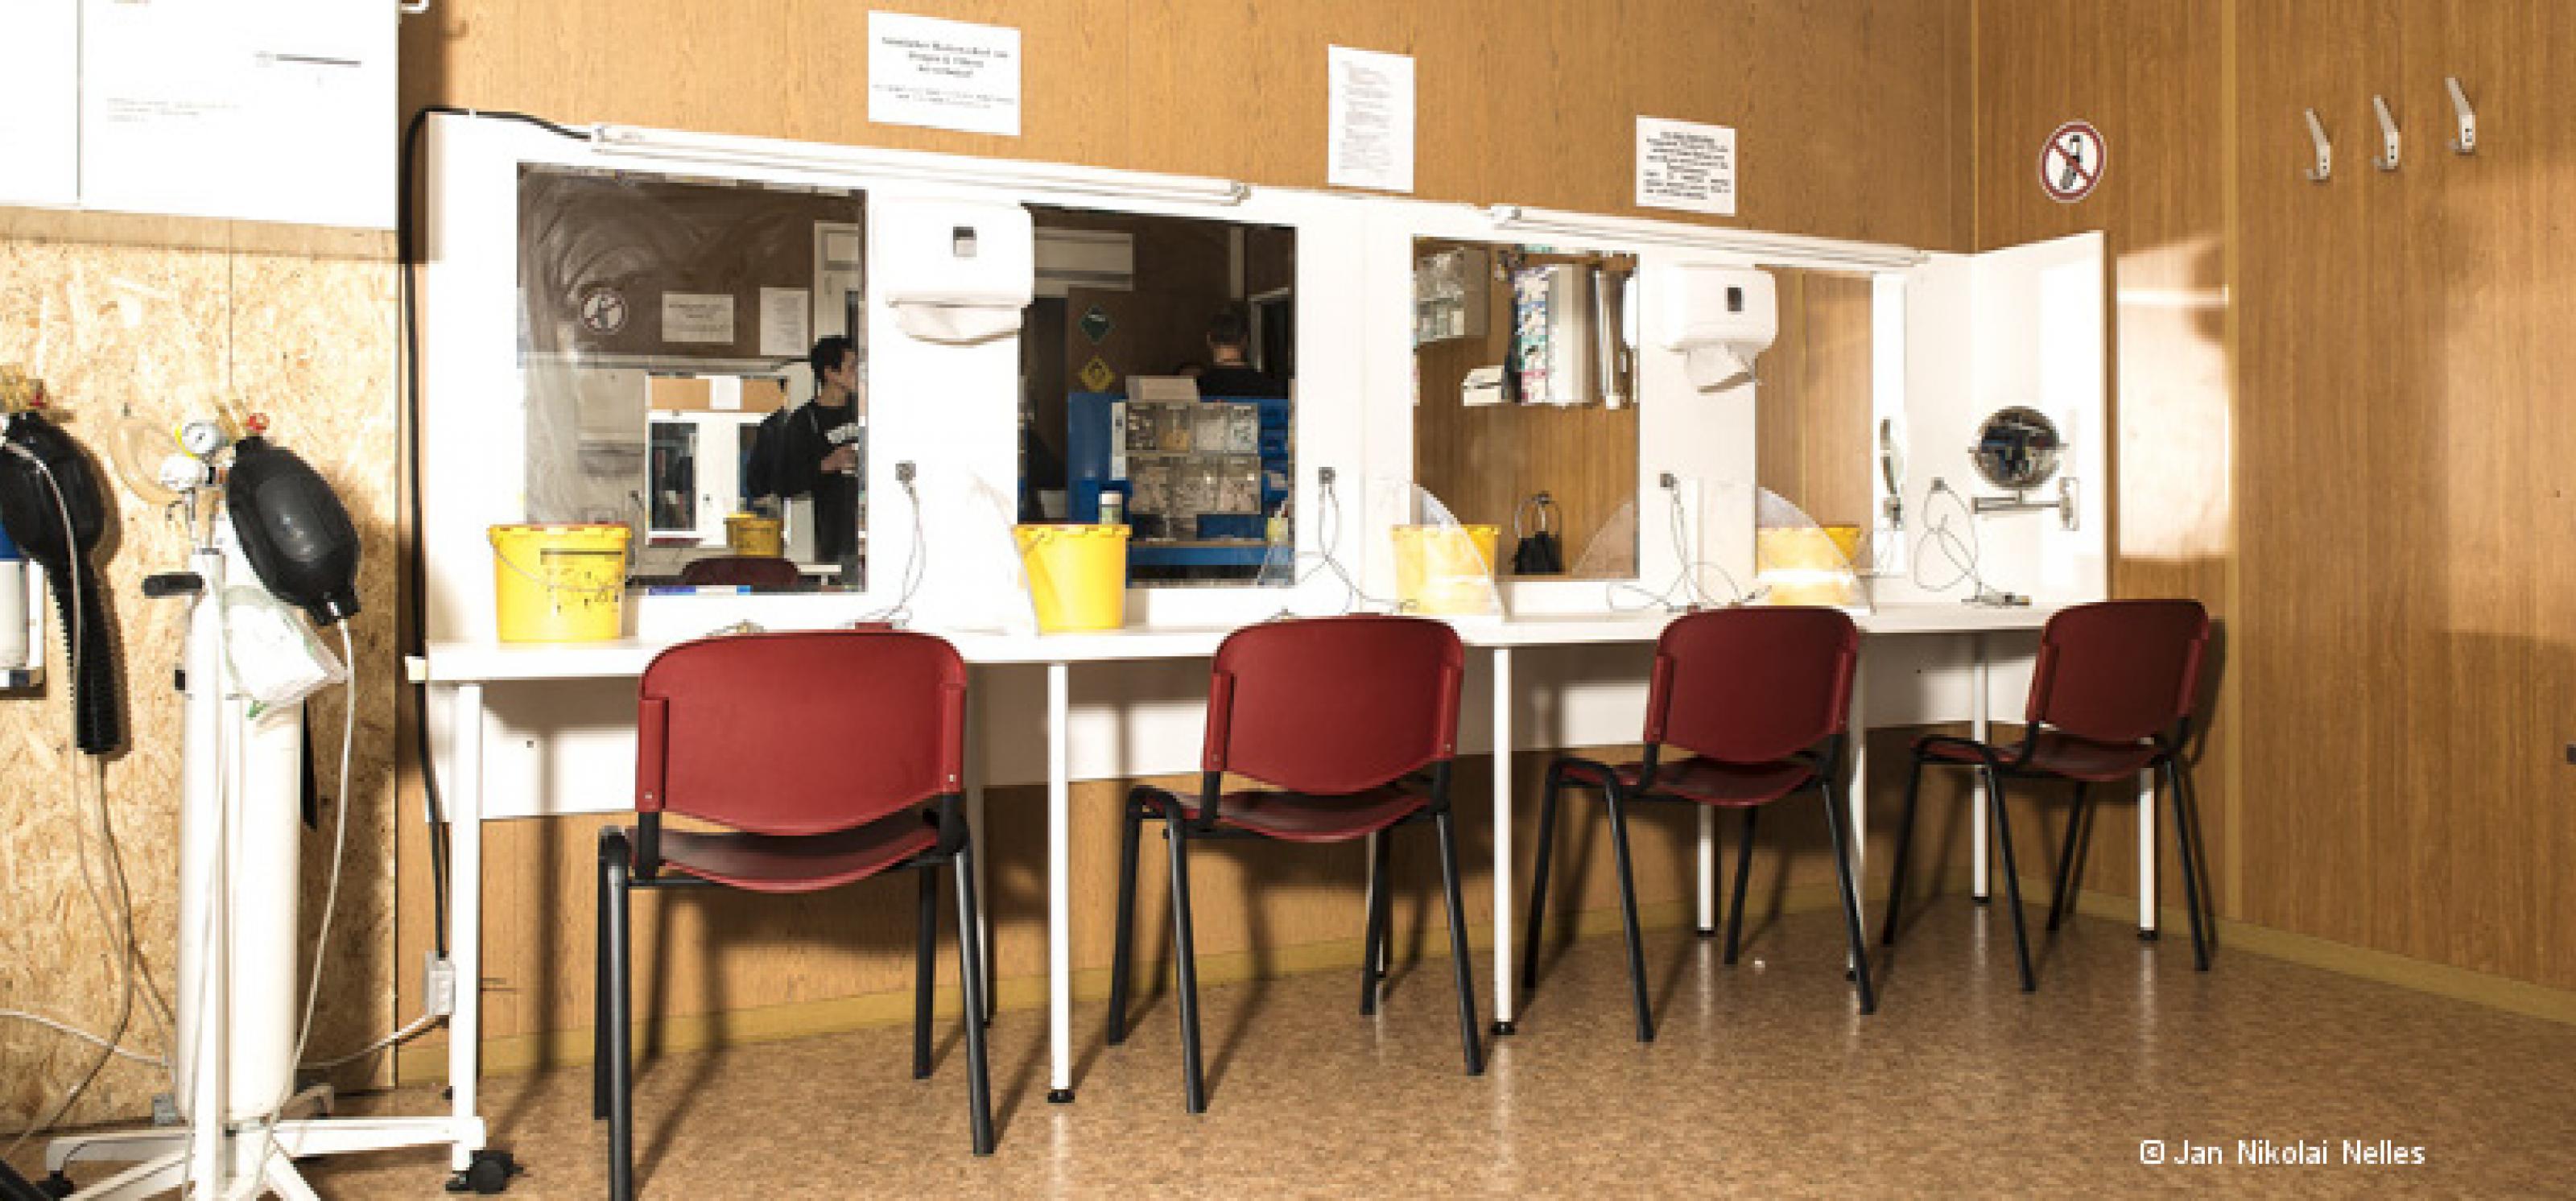 Drogenkonsumraum: Entlang einer Wand stehen vier Stühle vor Tischen und Spiegeln, an denen Drogen gespritzt werden können. An der Seite stehen zwei Beatmungsgeräte.